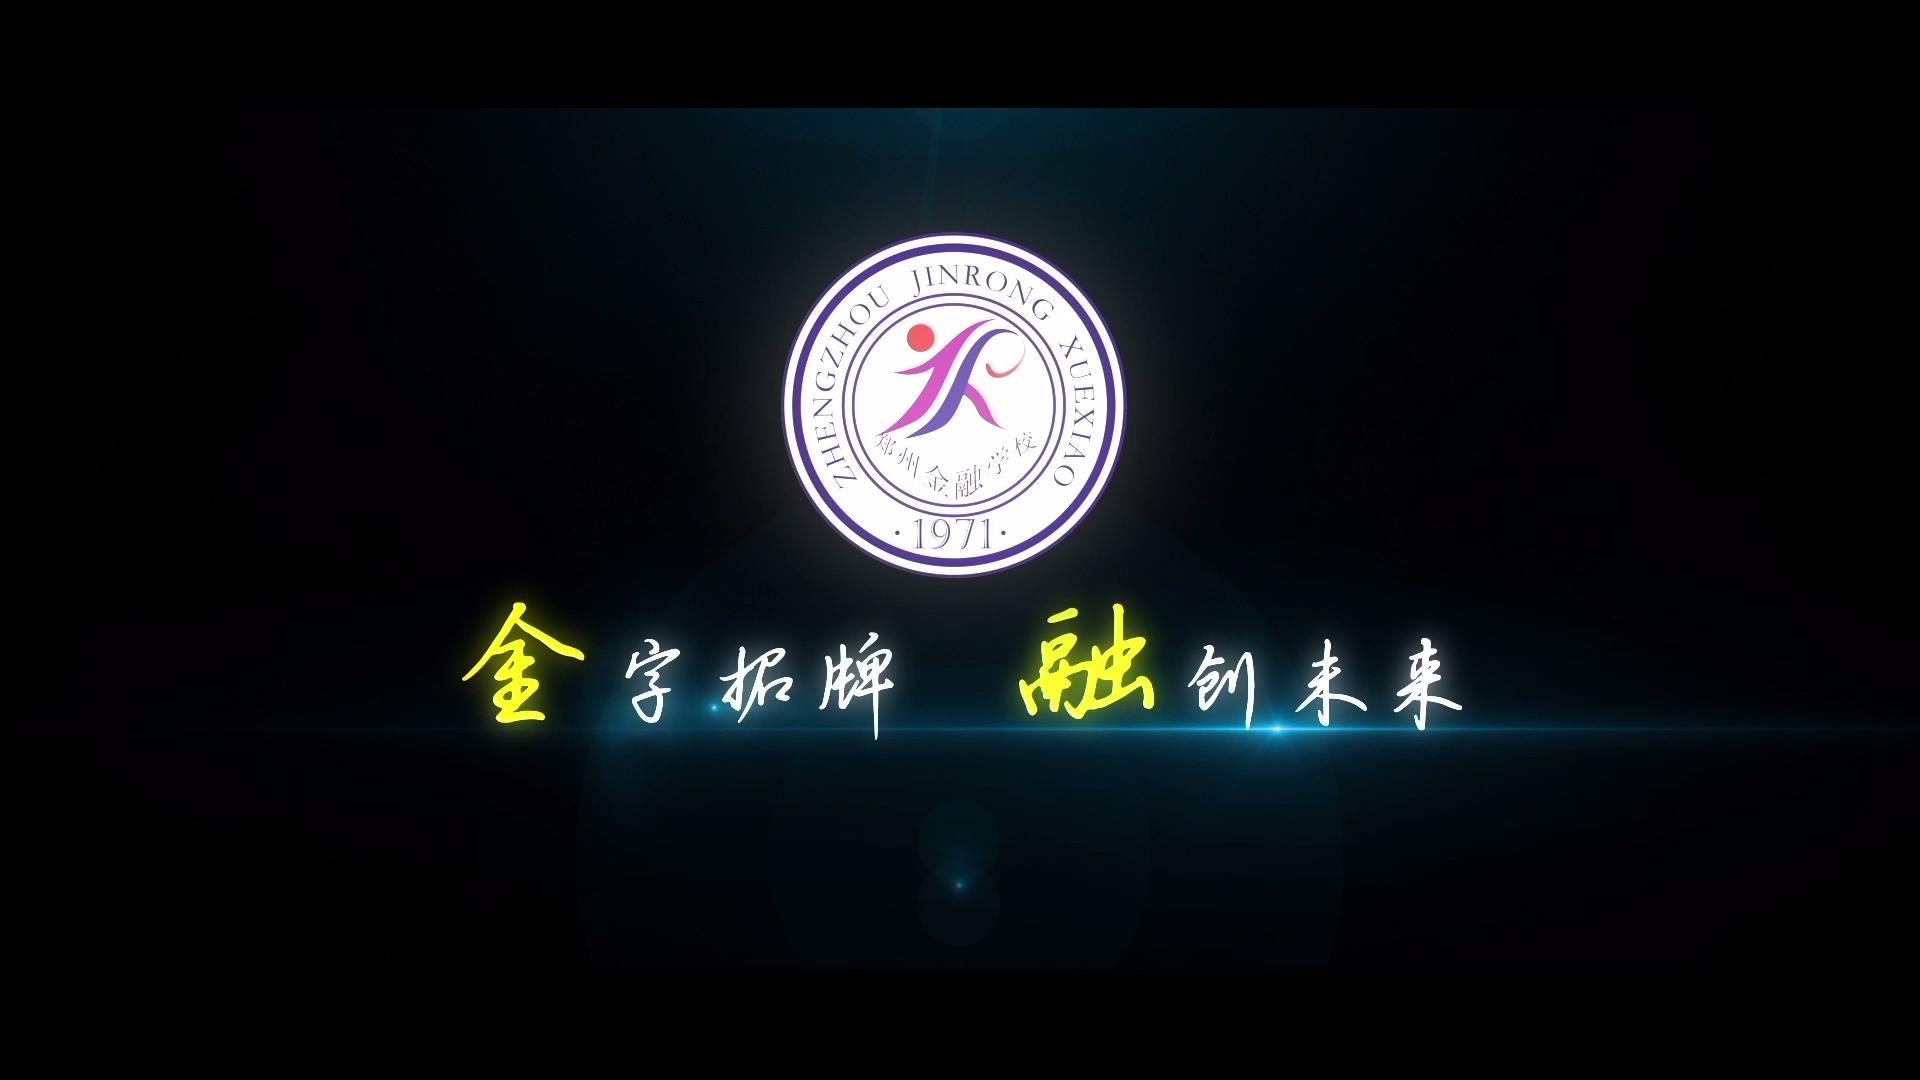 郑州市金融学校宣传片